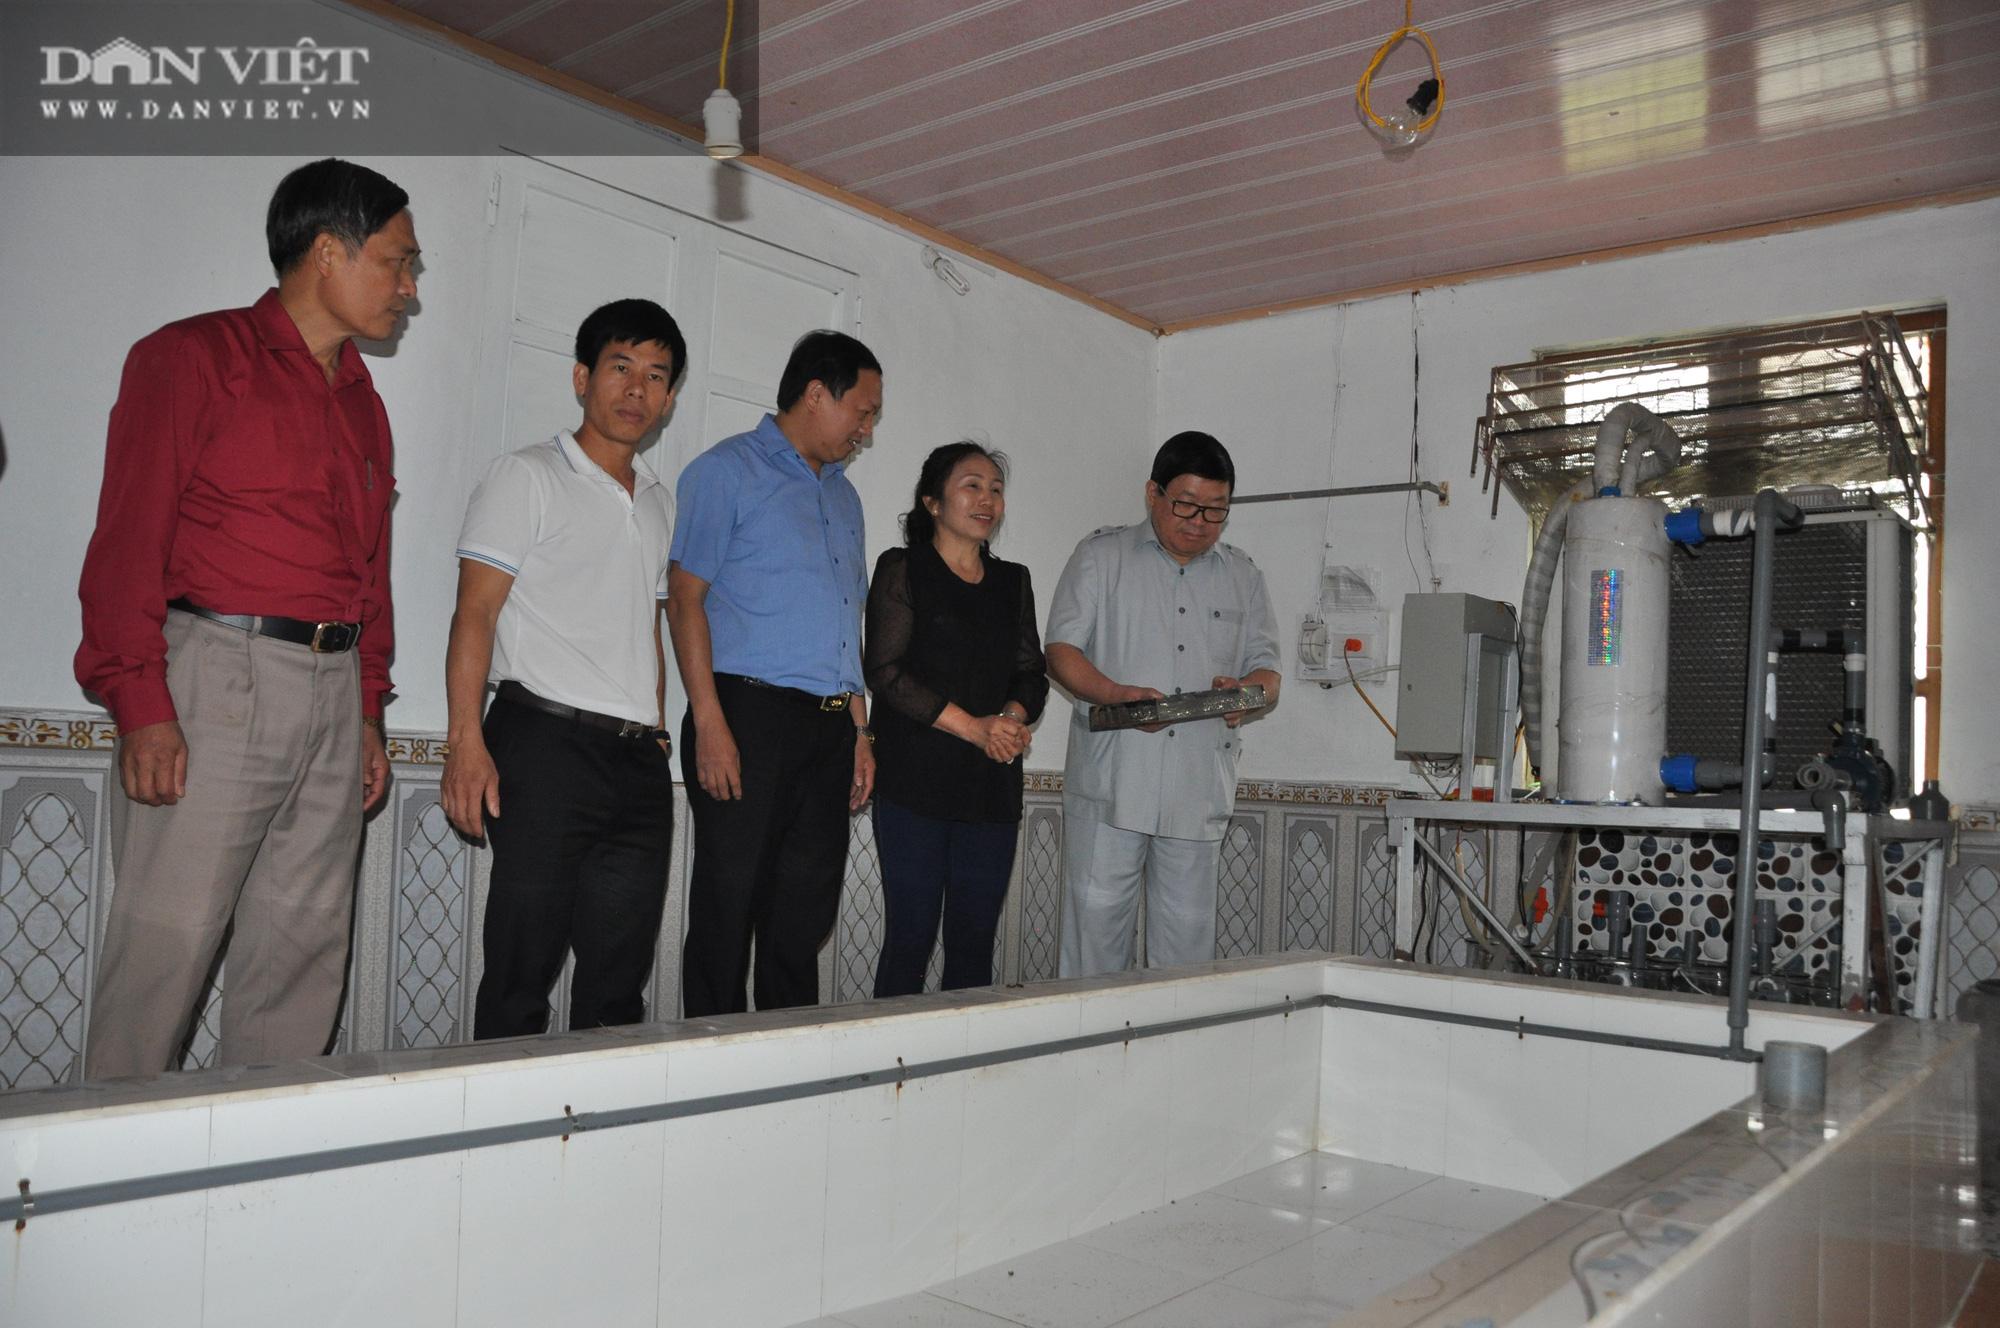 Đại trang trại cá quý tộc trên Cổng Trời mới được Chủ tịch Hội Nông dân Việt Nam đến thăm có gì đặc biệt? - Ảnh 4.